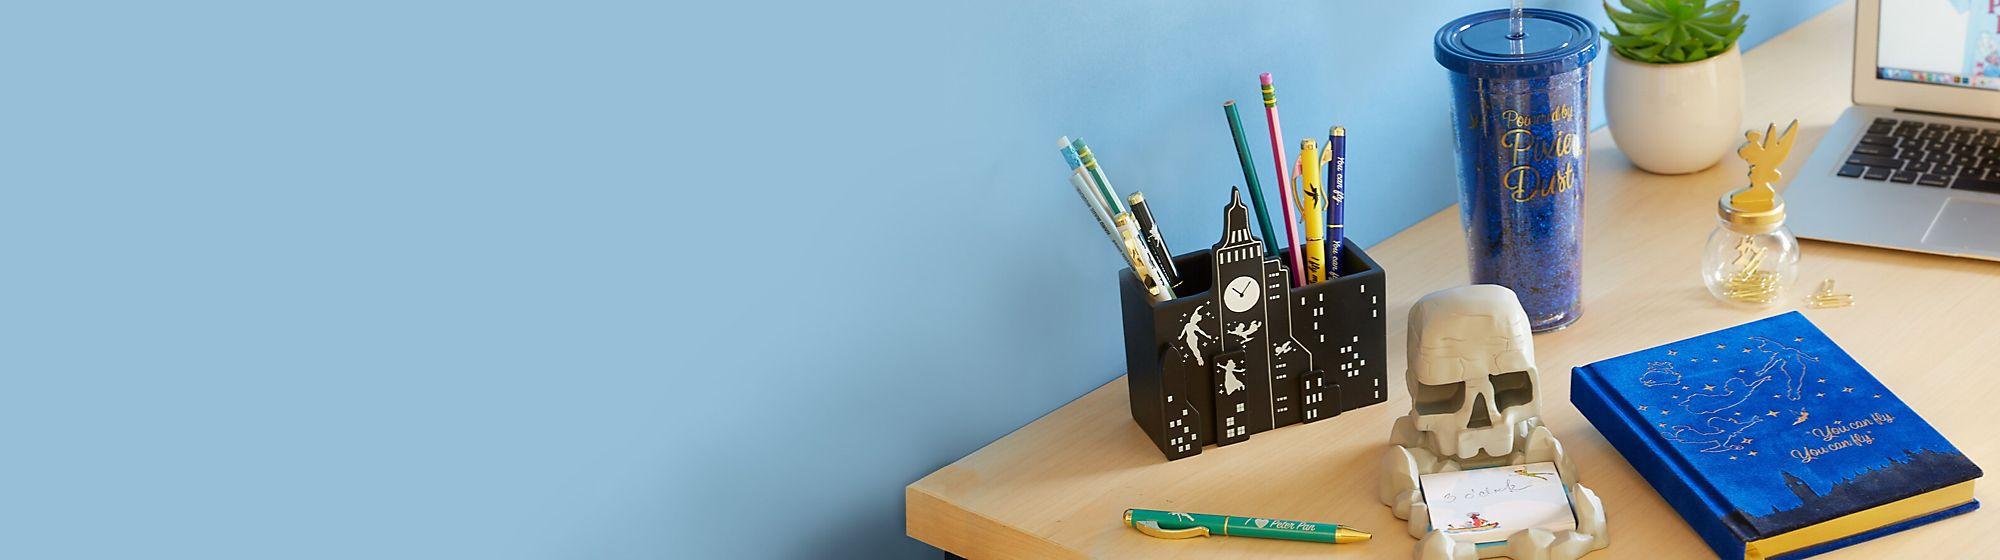 Die Must-Haves für jeden Schreibtisch Dekoriere dein Studierzimmer mit lustigen Charakter-Accessoires.